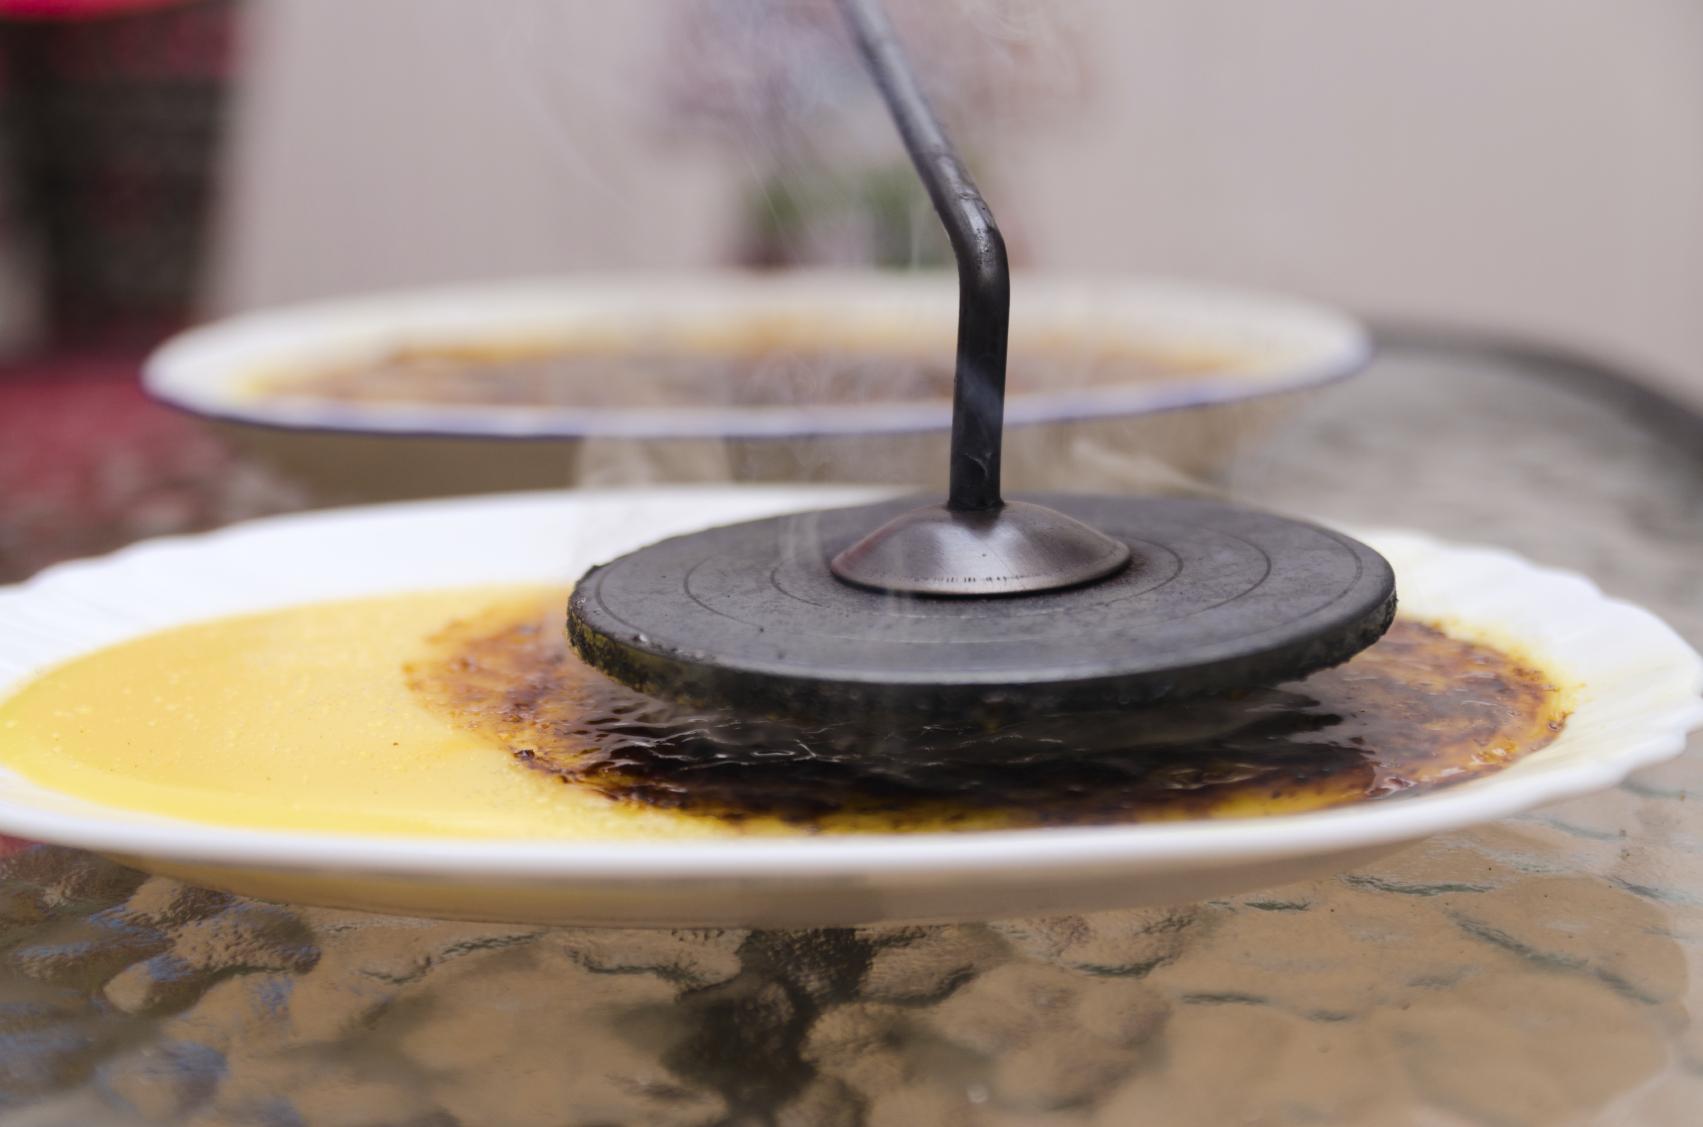 Crema de maicena caramelizada